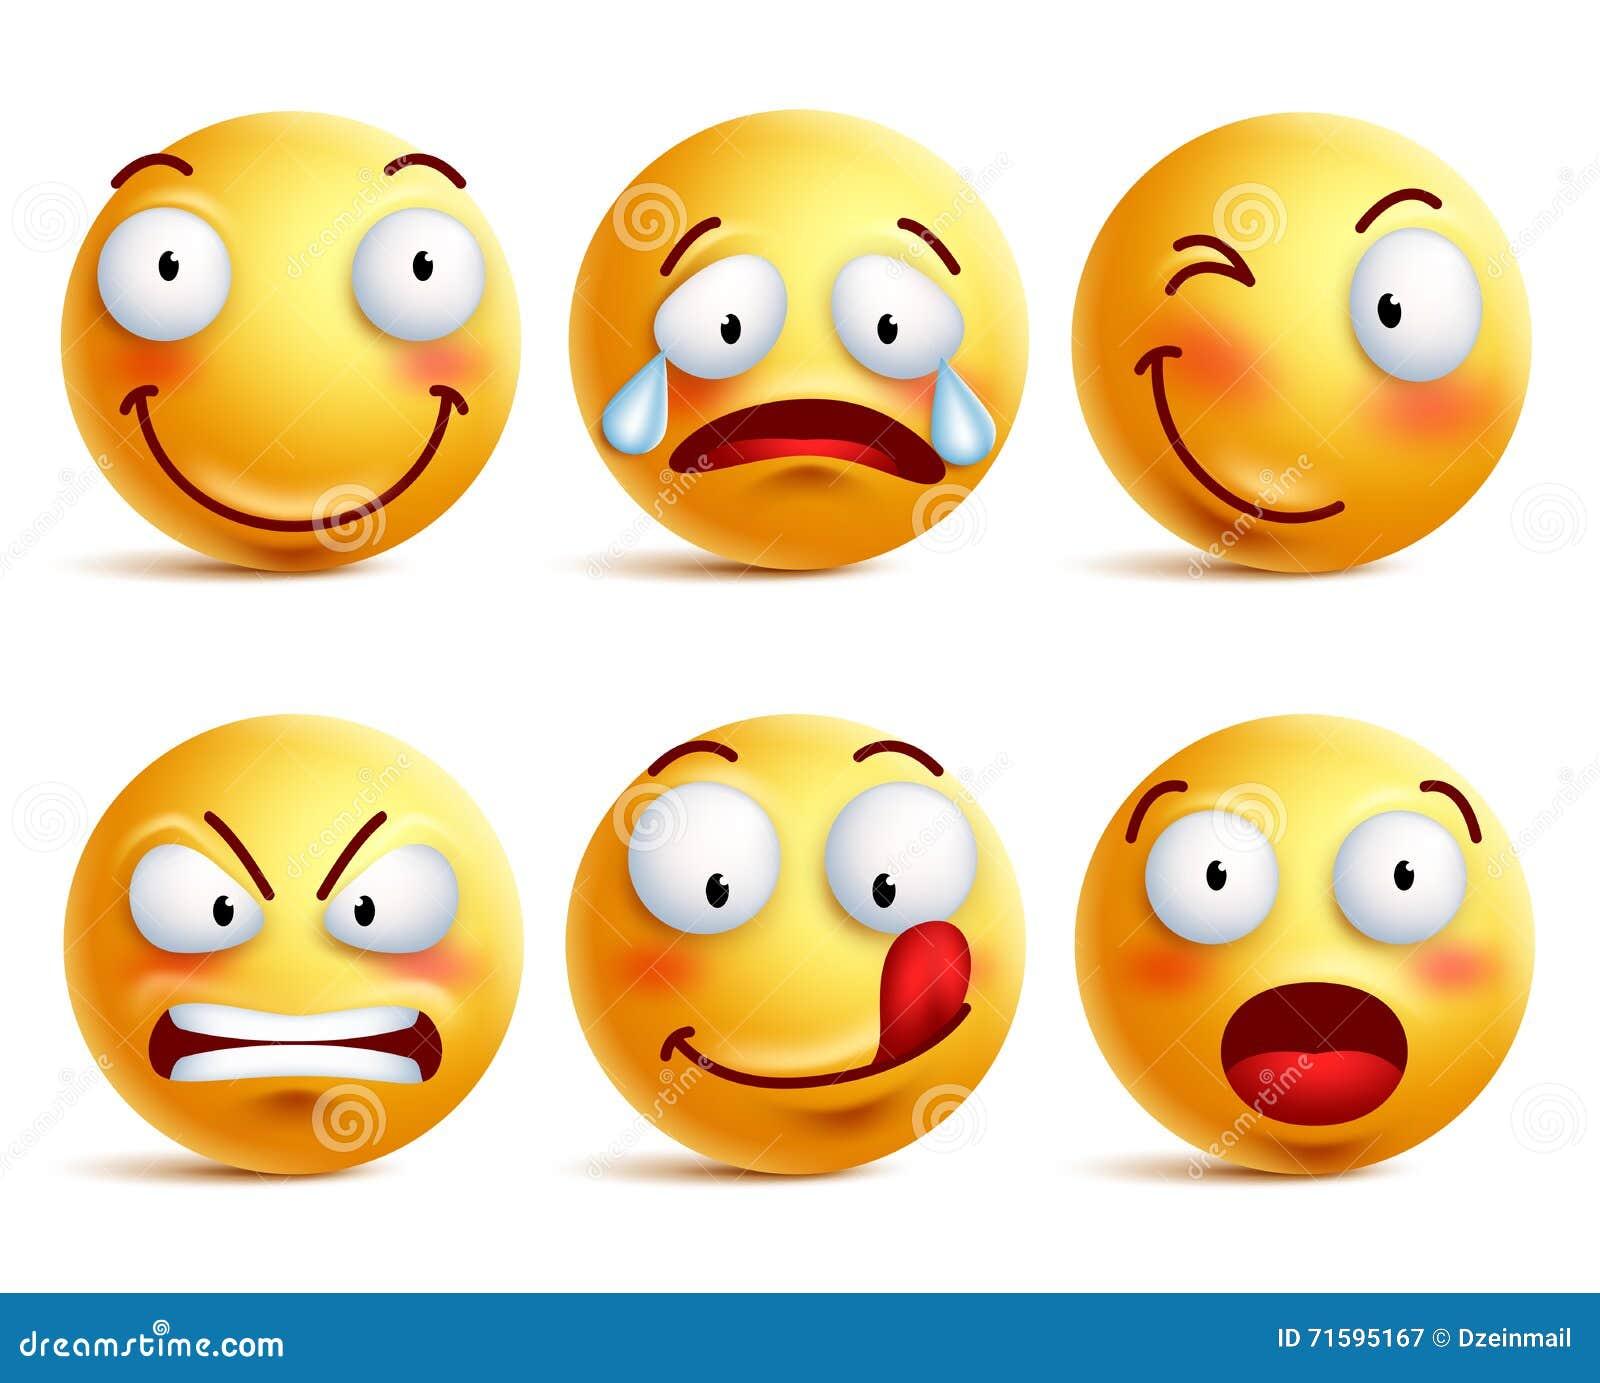 Reeks de pictogrammen van het smileygezicht of gele emoticons met verschillende gelaatsuitdrukkingen